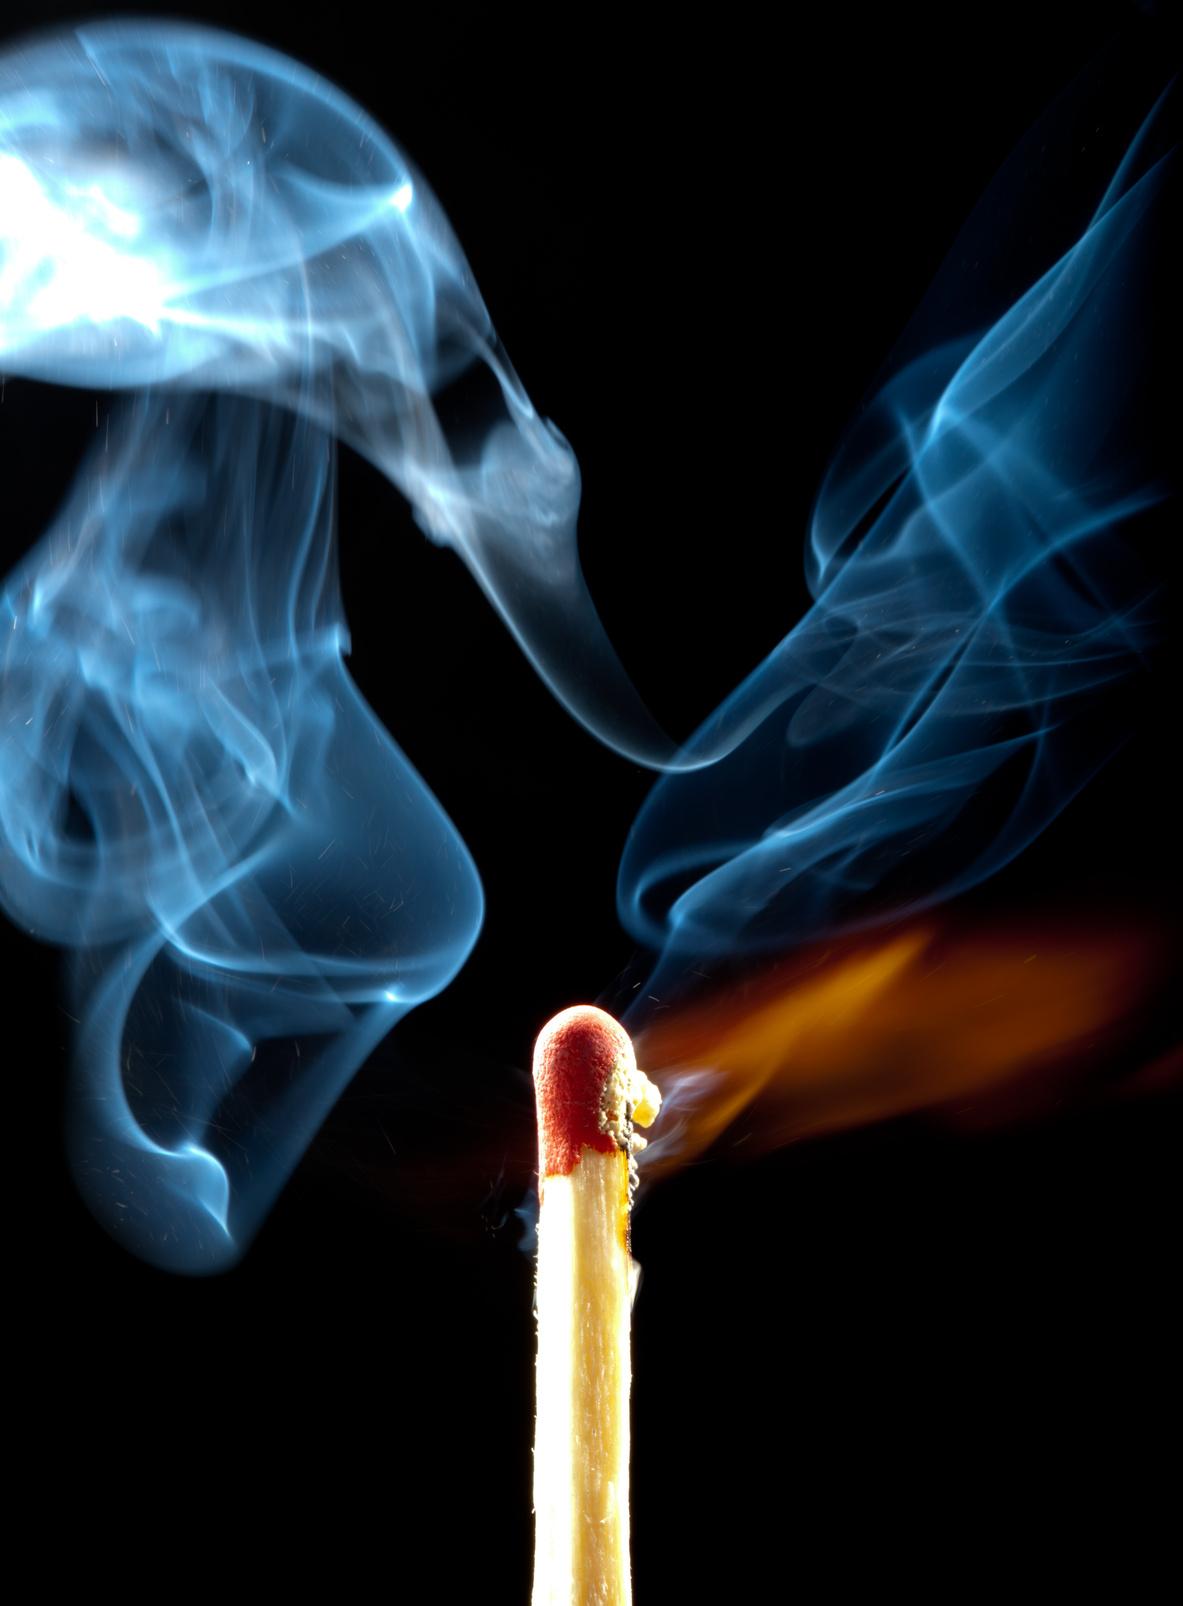 Streichholz Feuer Brand Rauch